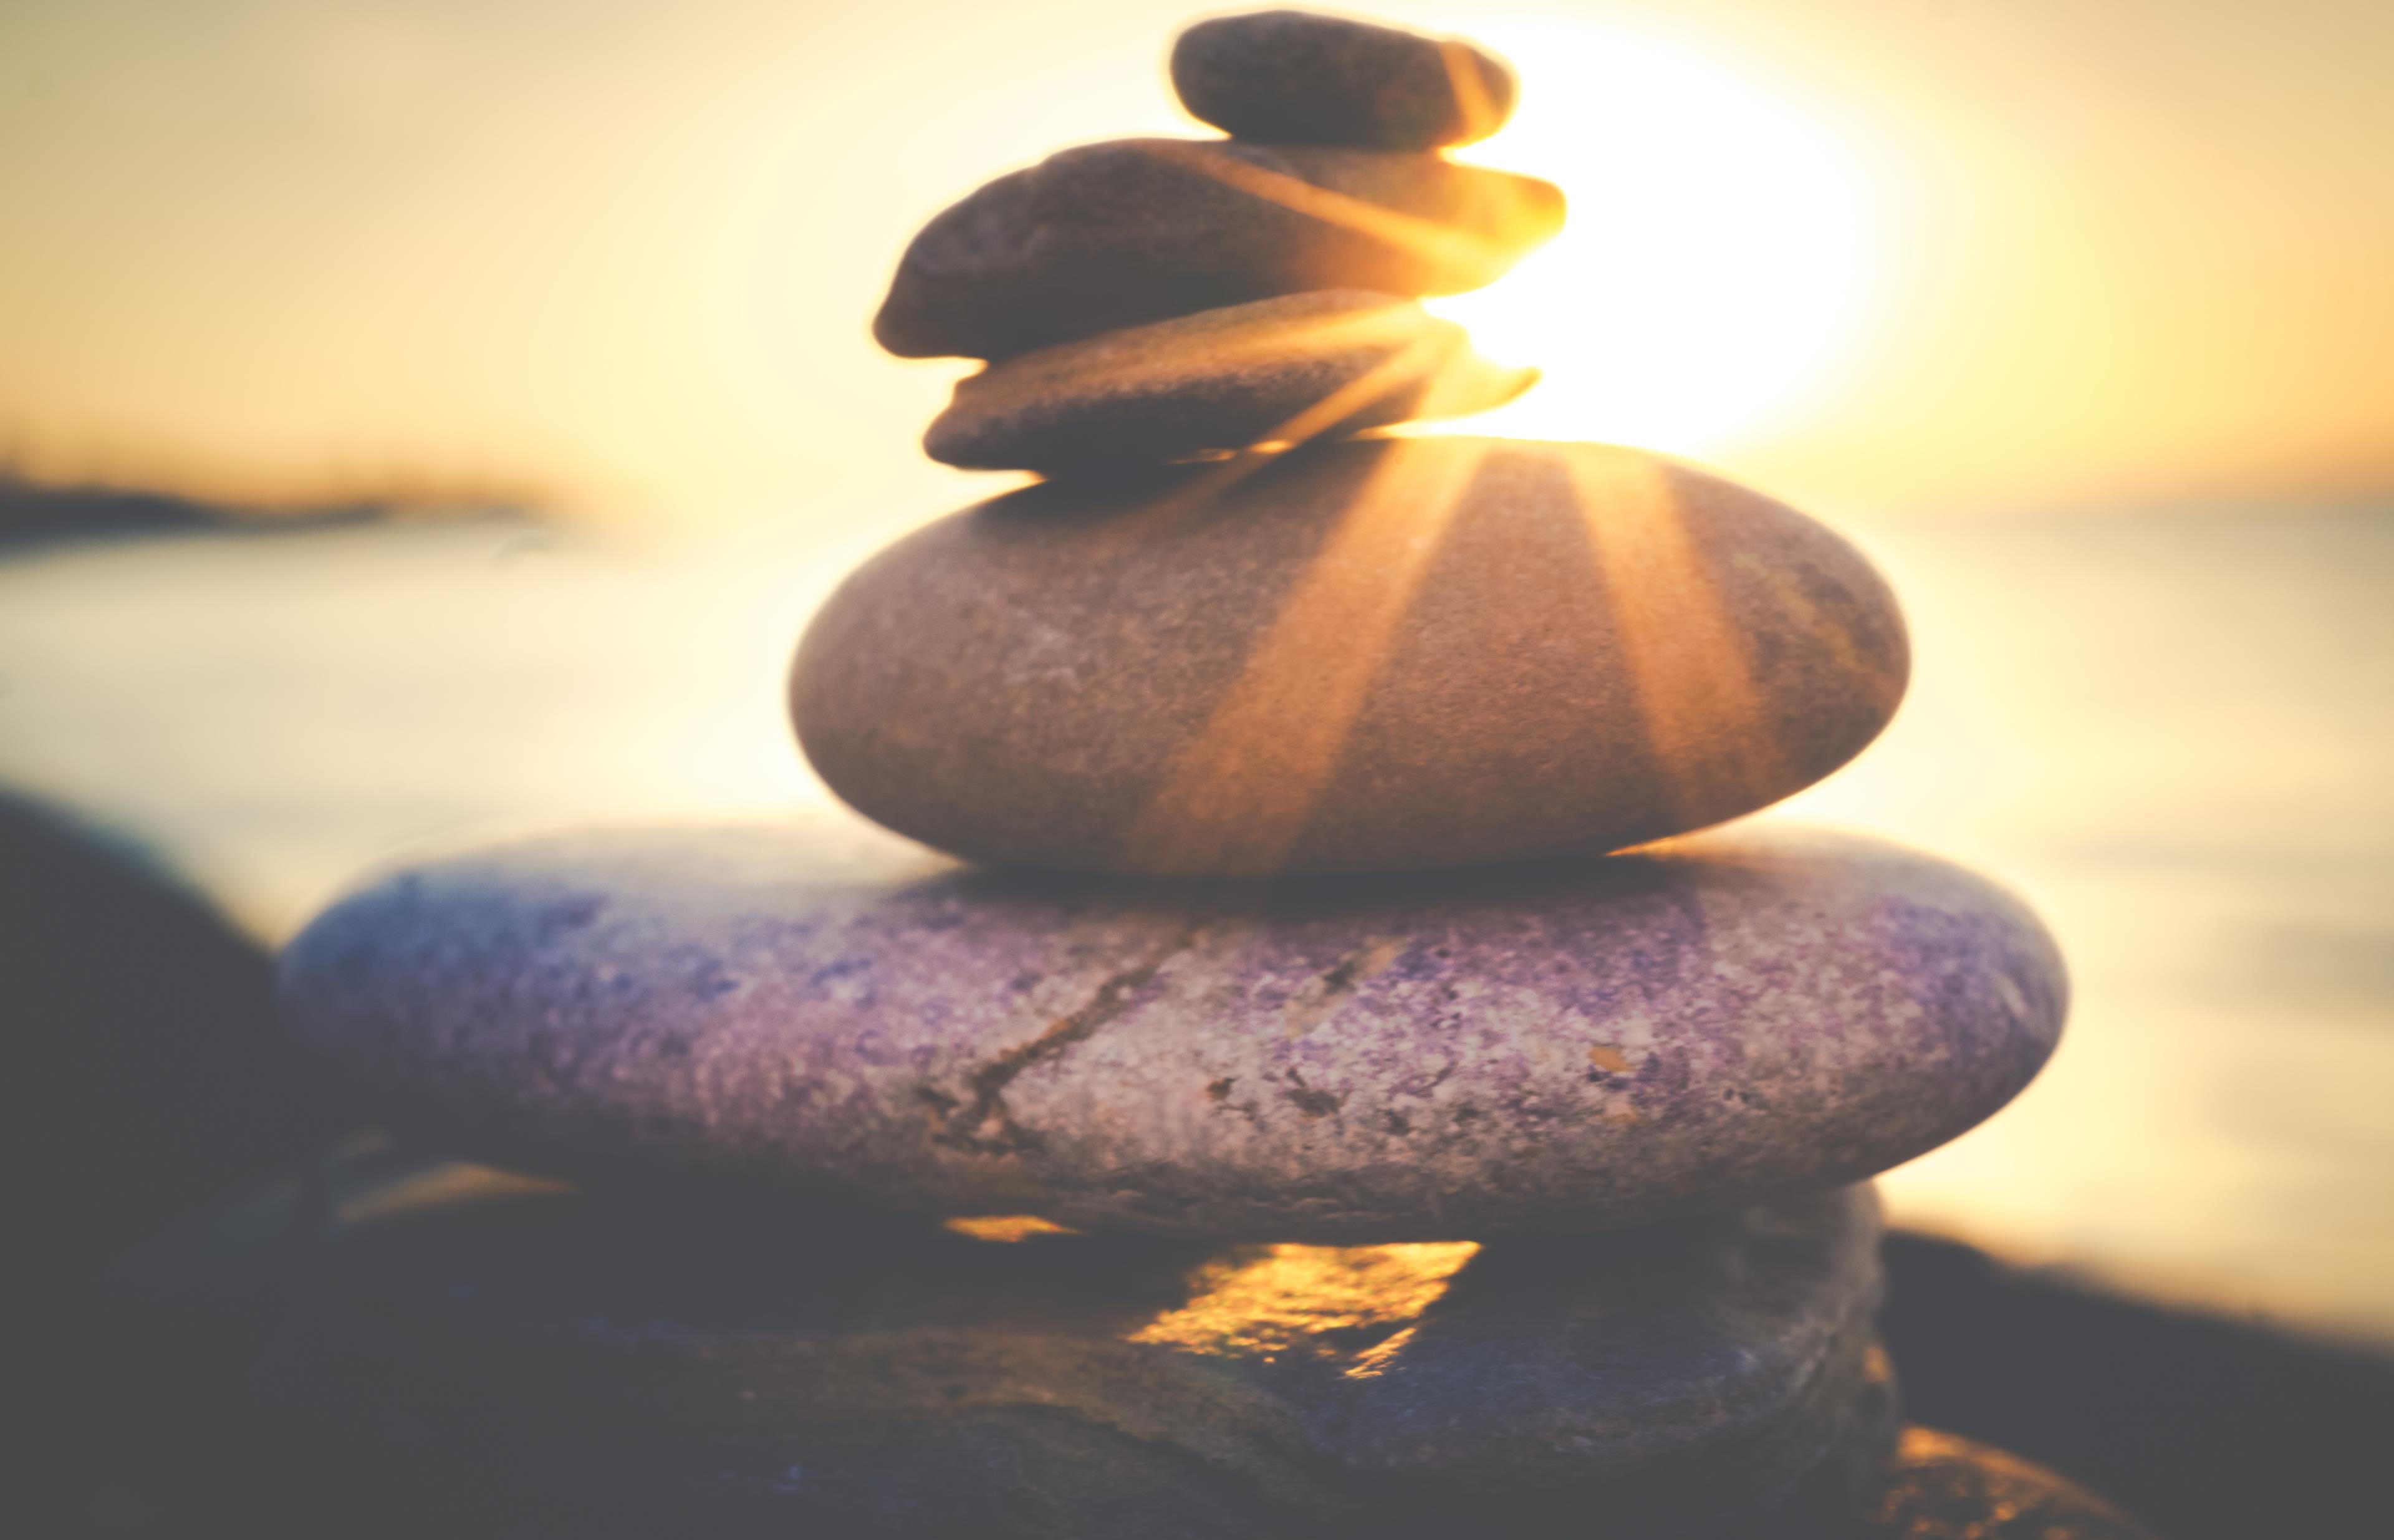 Copertina frasi su benessere e relax